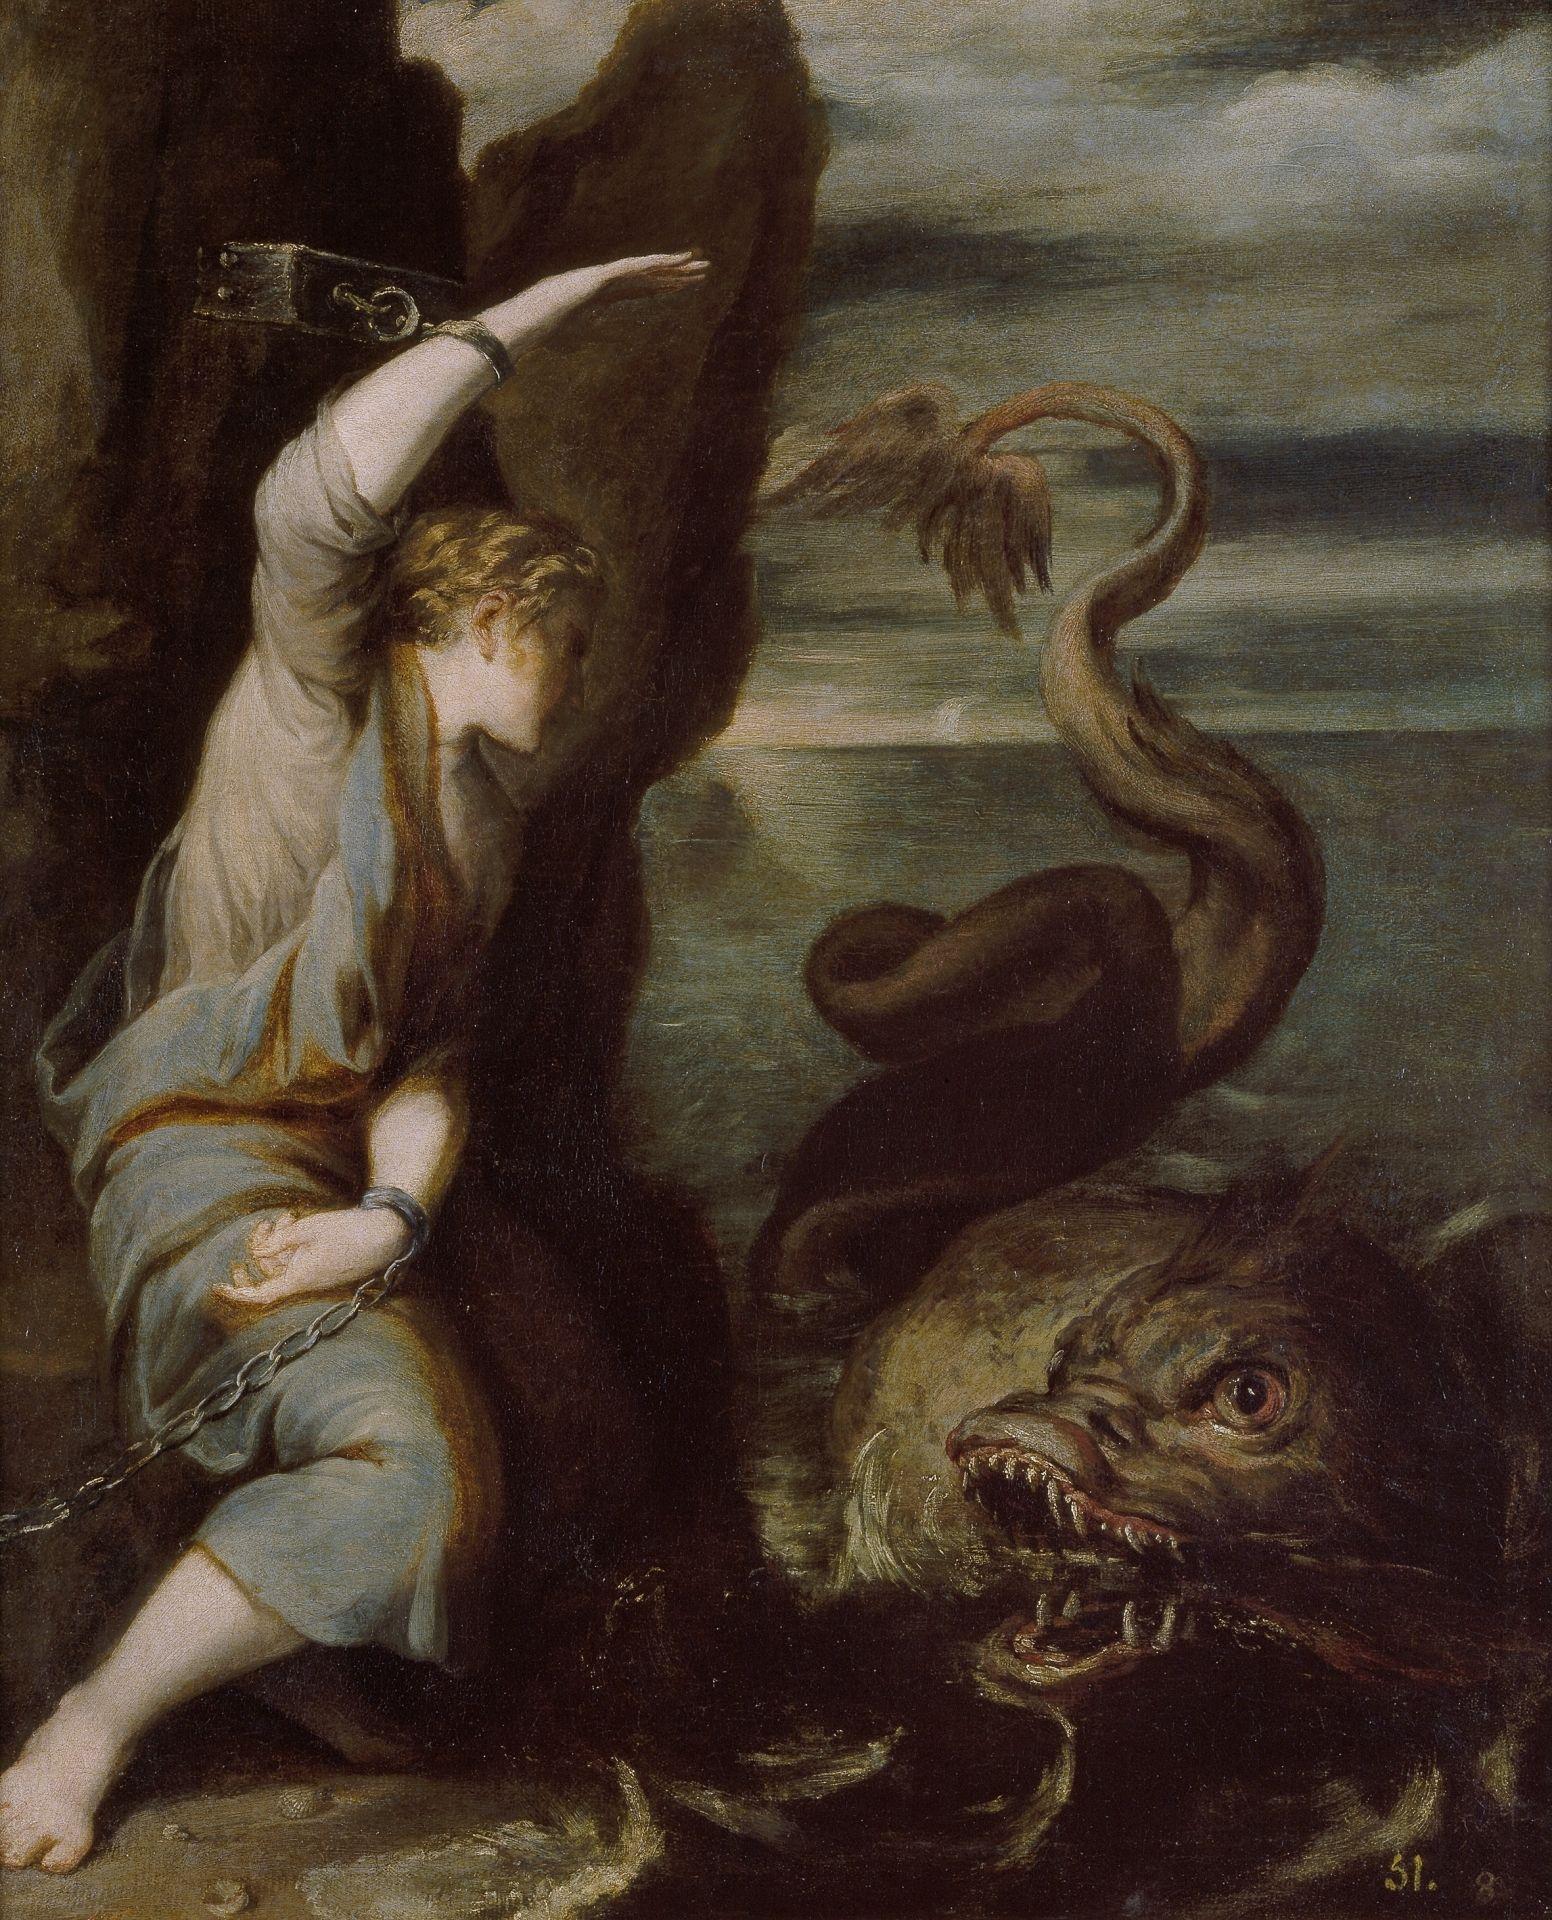 Imagen de Andromeda atada a un acantilado del que sería rescatada por Perseo su futuro esposo